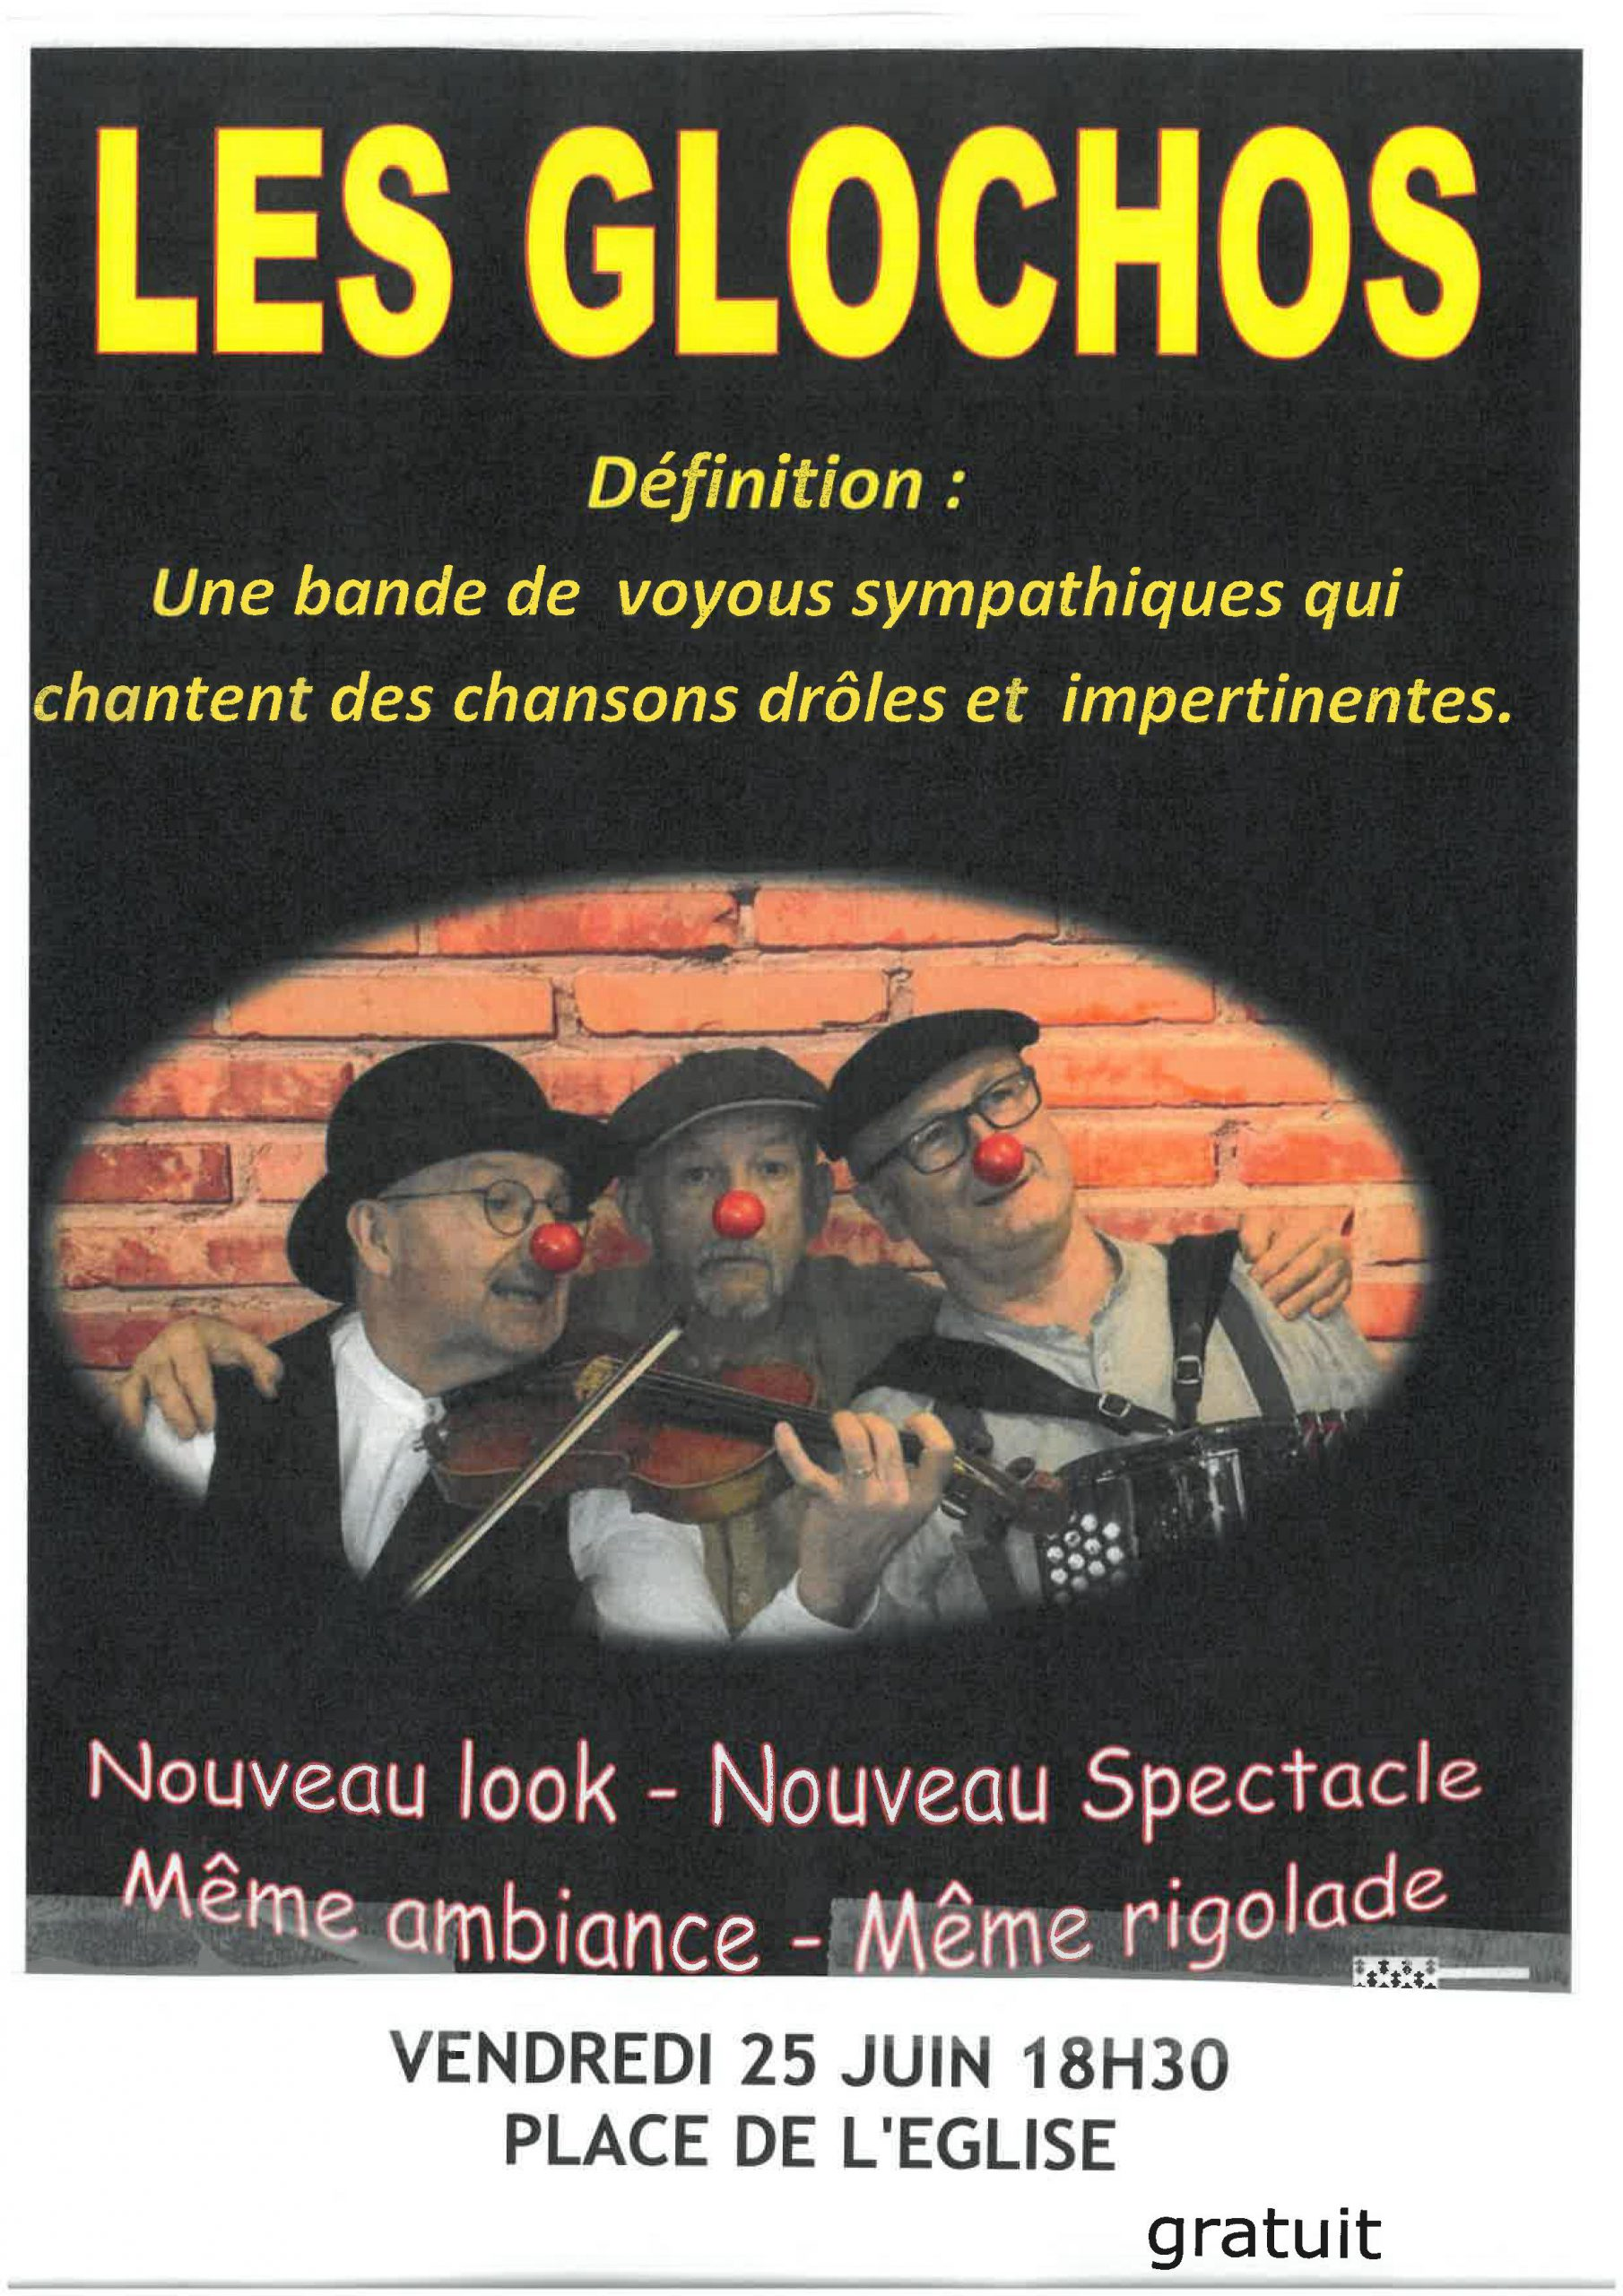 Les Glochos - Spectacle Gratuit